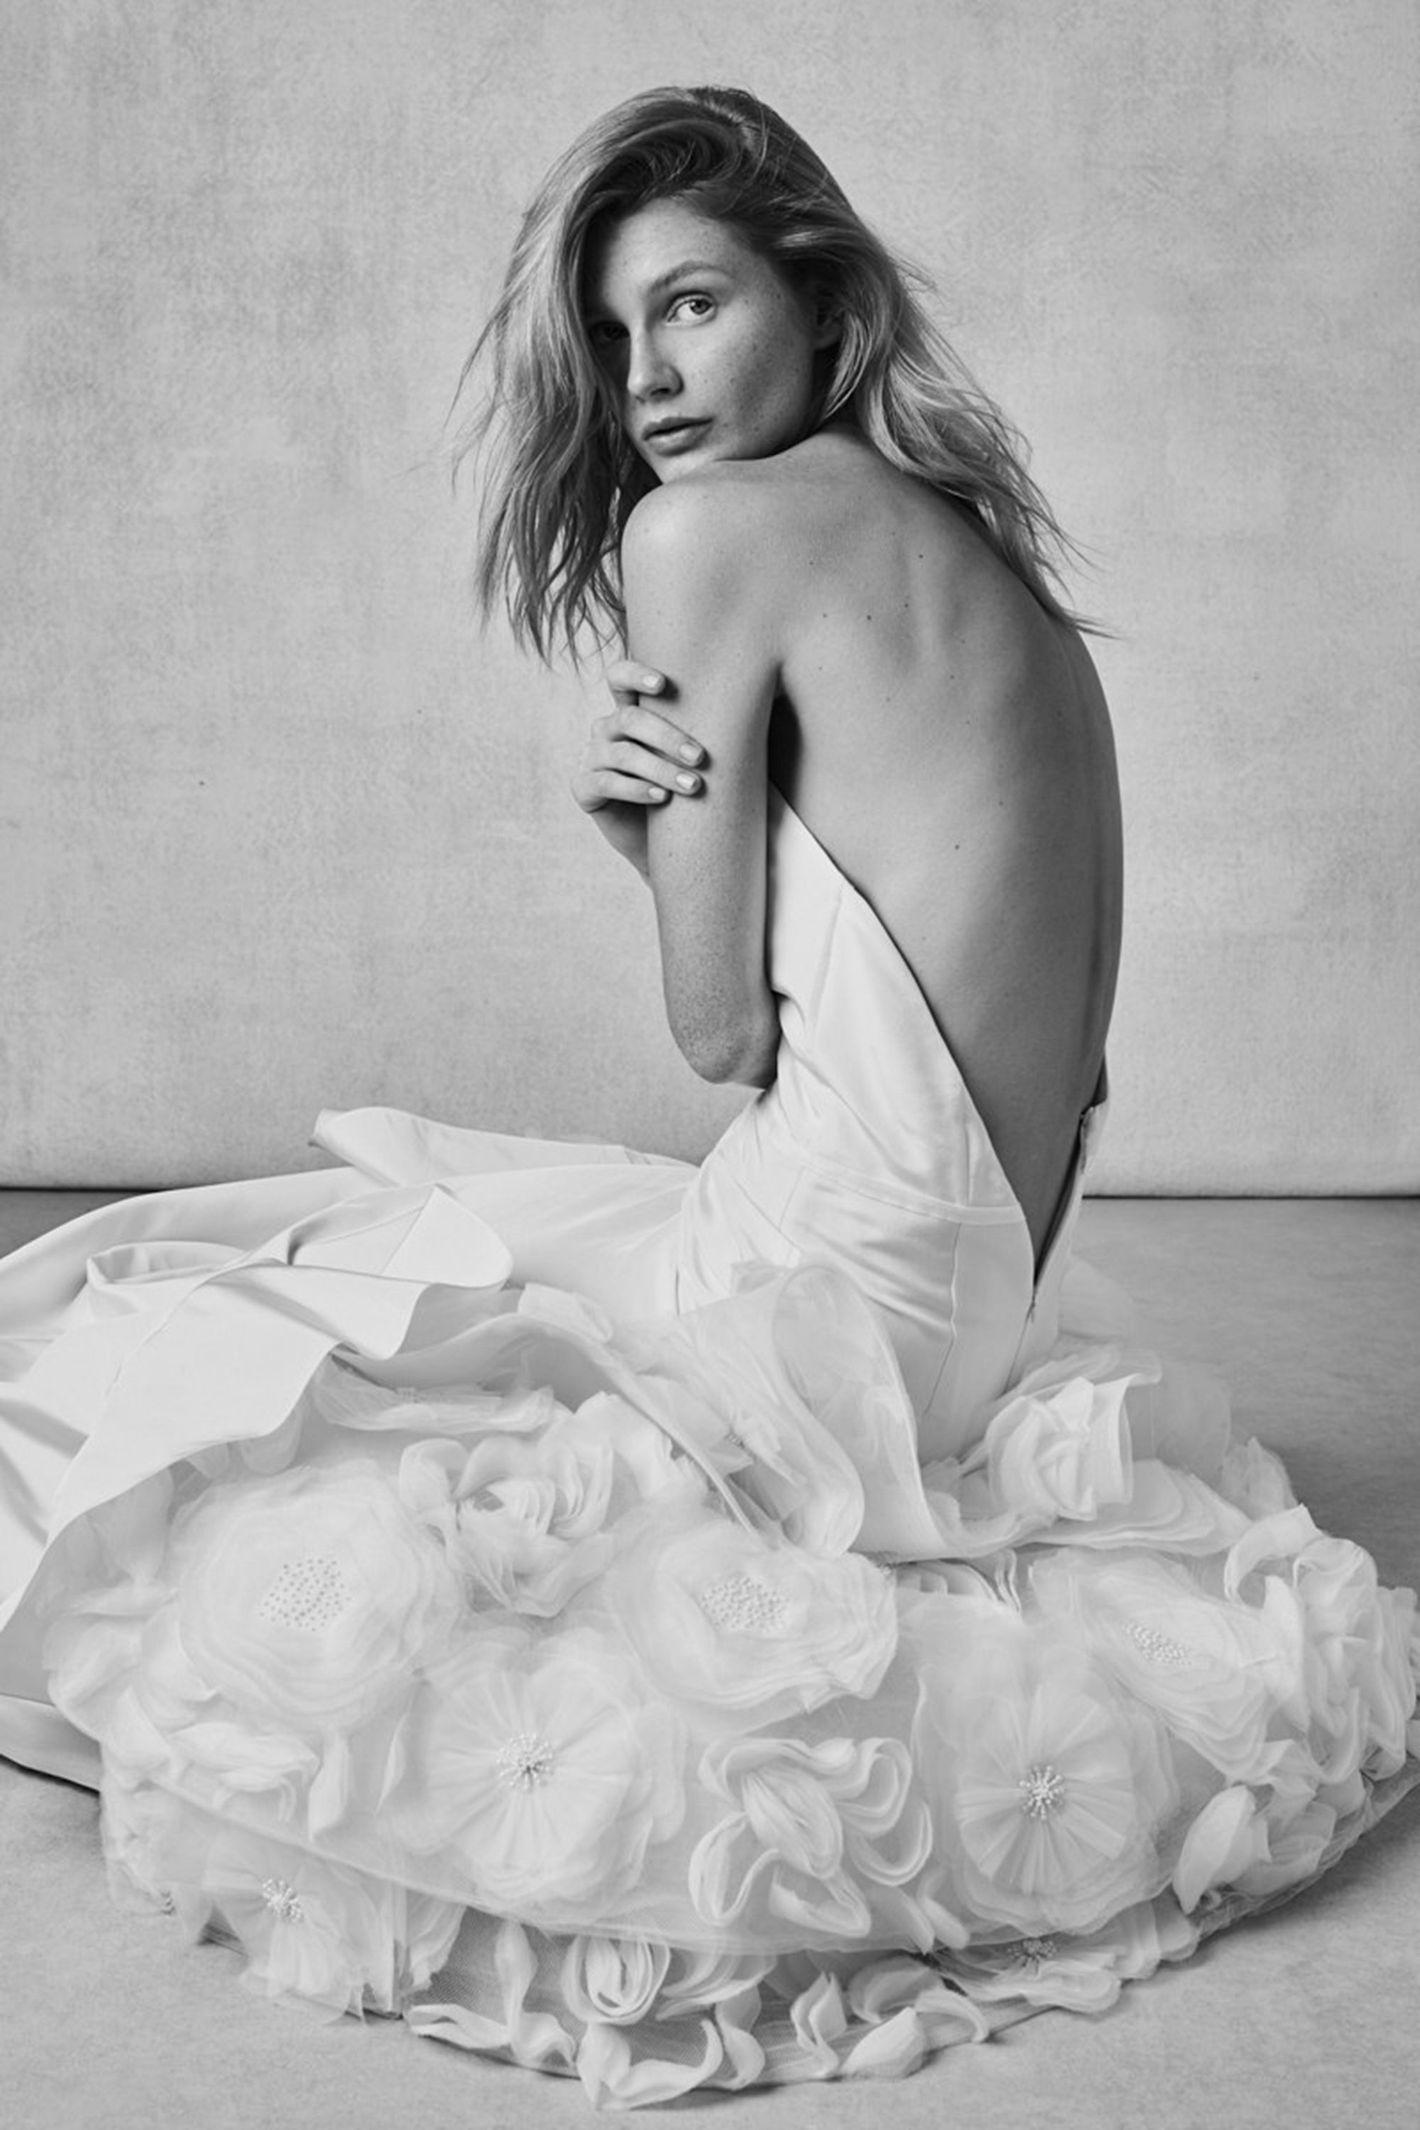 Slip For Under Wedding Dress 91 Good